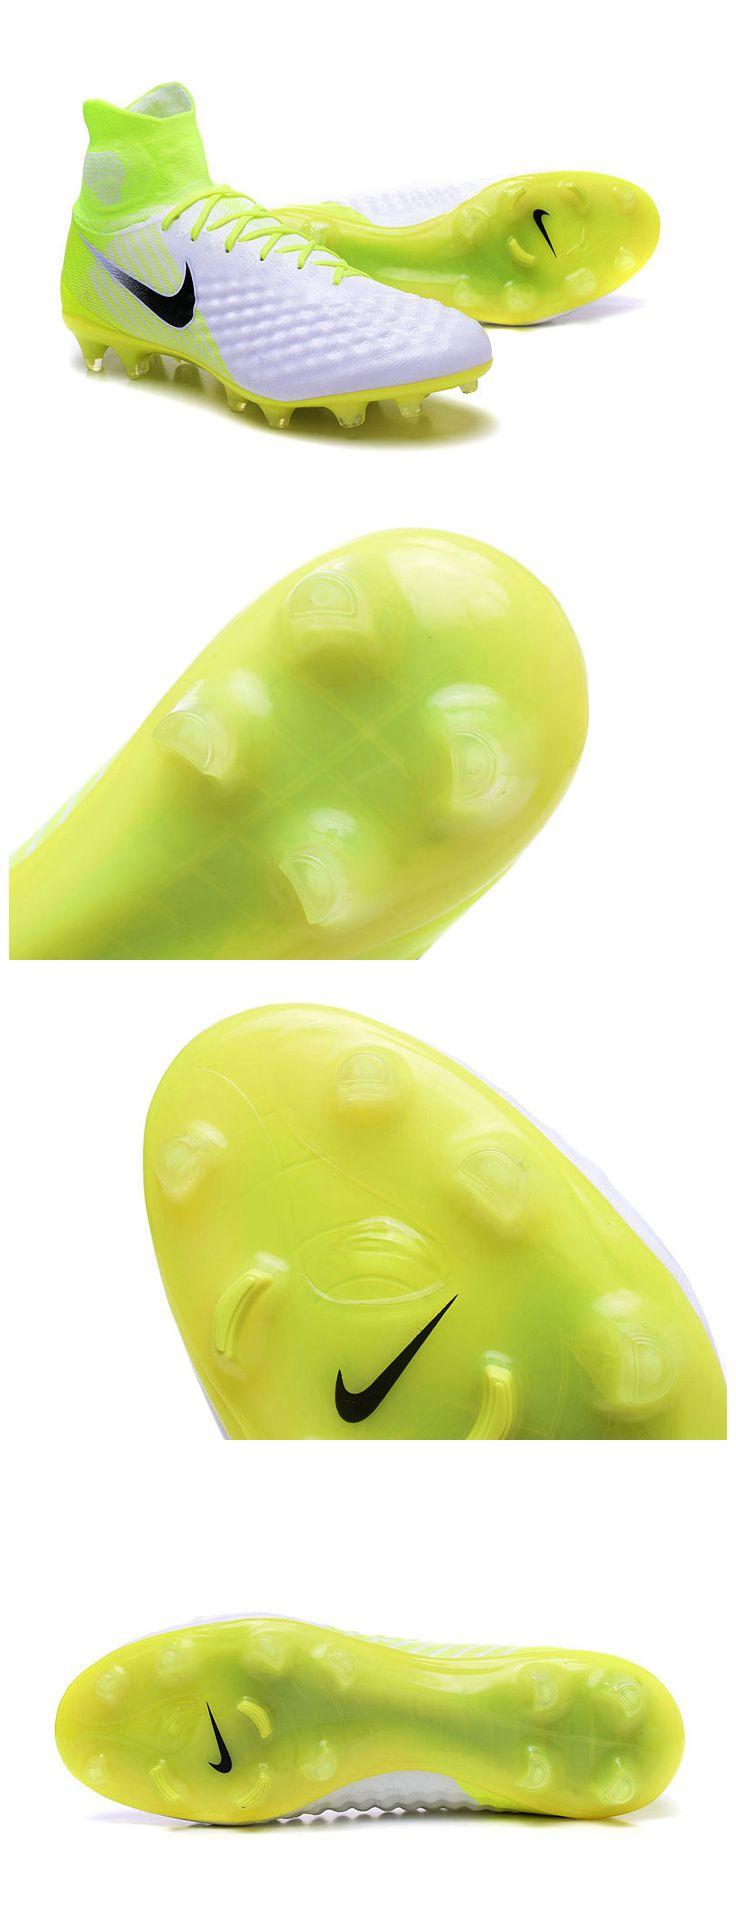 Nouvelle Nike Magista amortis ciblés à la cheville et sous les lacets pour un impact réduit lors des frappes.